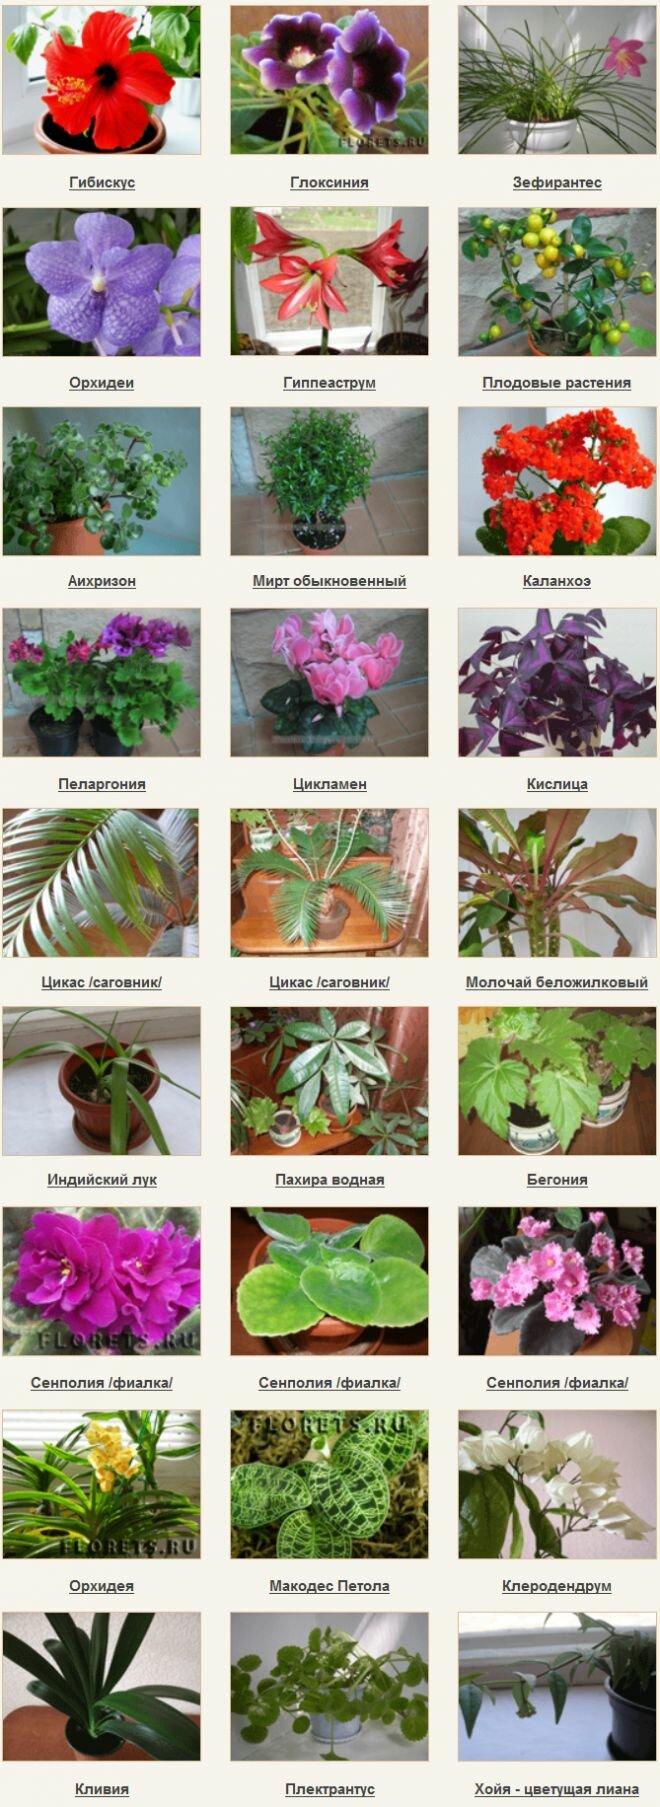 Комнатные цветы виды фото и названия все виды